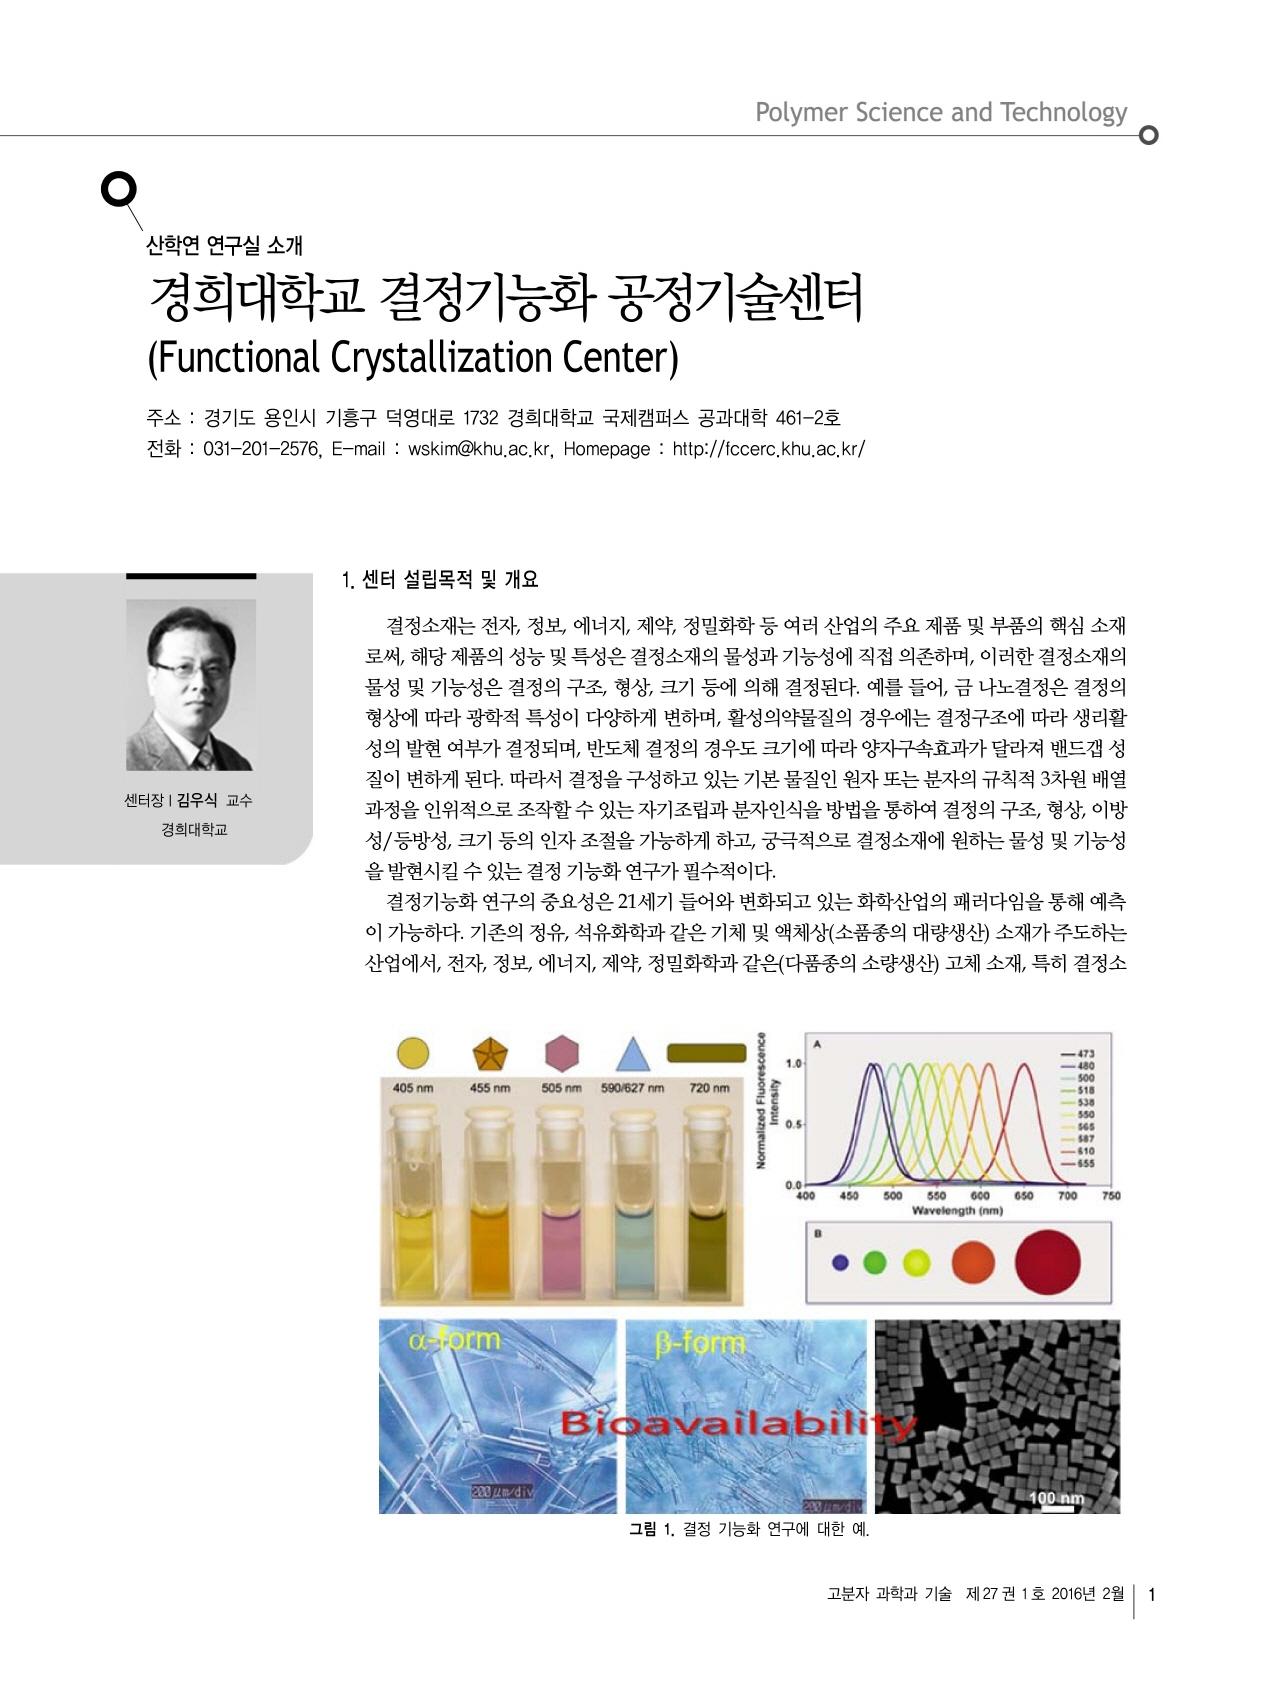 크기변환_고분자학회_산학연소개_김우식_rev1_1.jpg